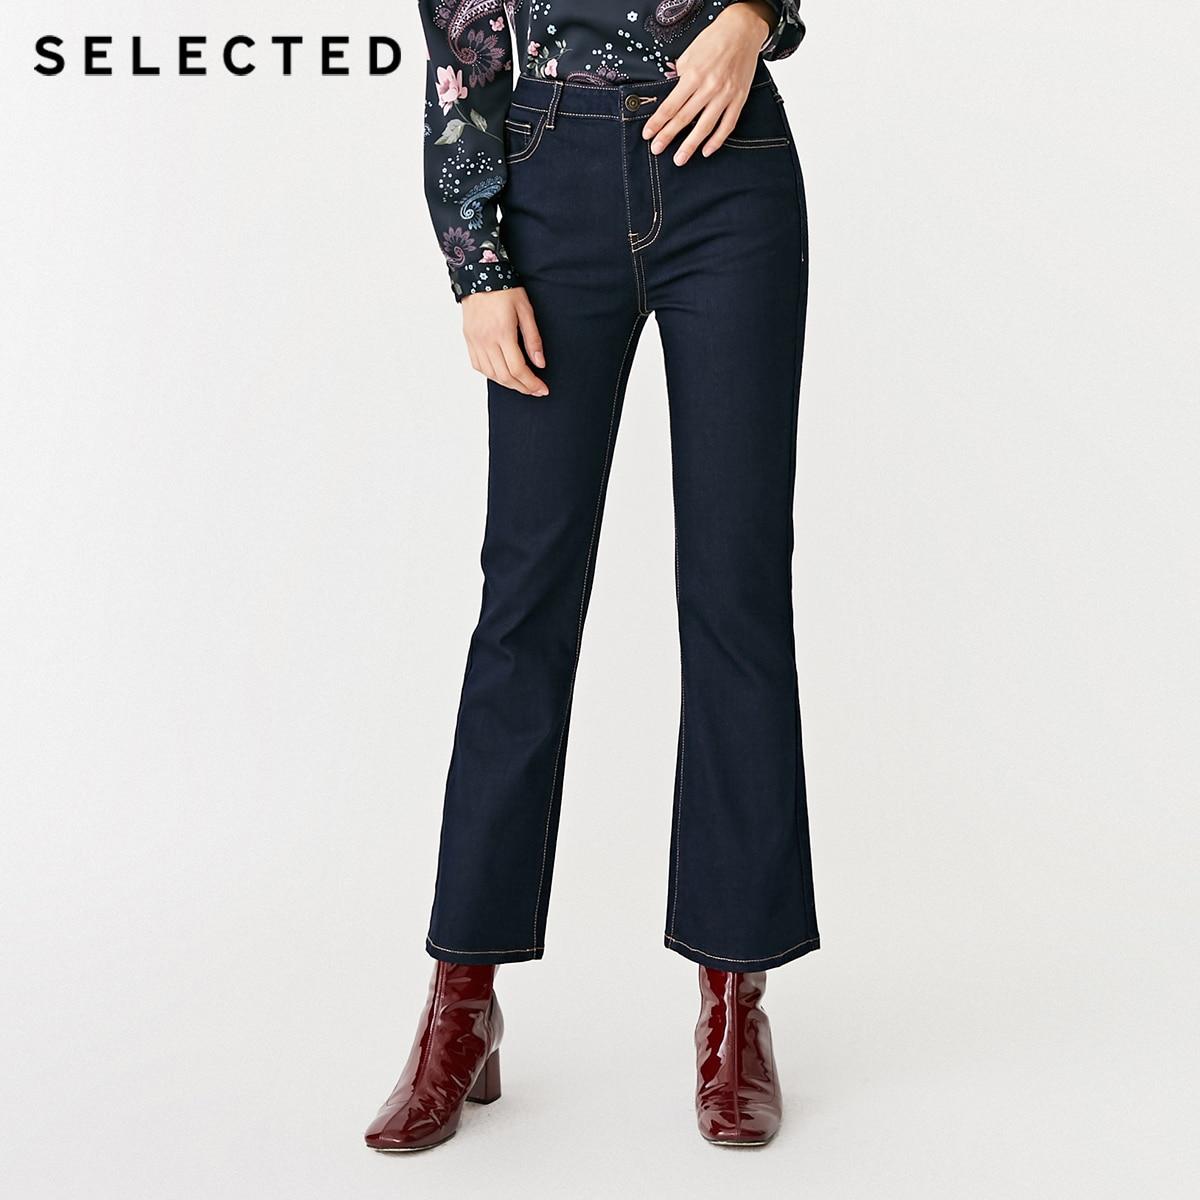 เลือกผู้หญิง Slim Fit High rise กางเกงยีนส์ Flared C  418432510-ใน ยีนส์ จาก เสื้อผ้าสตรี บน   1